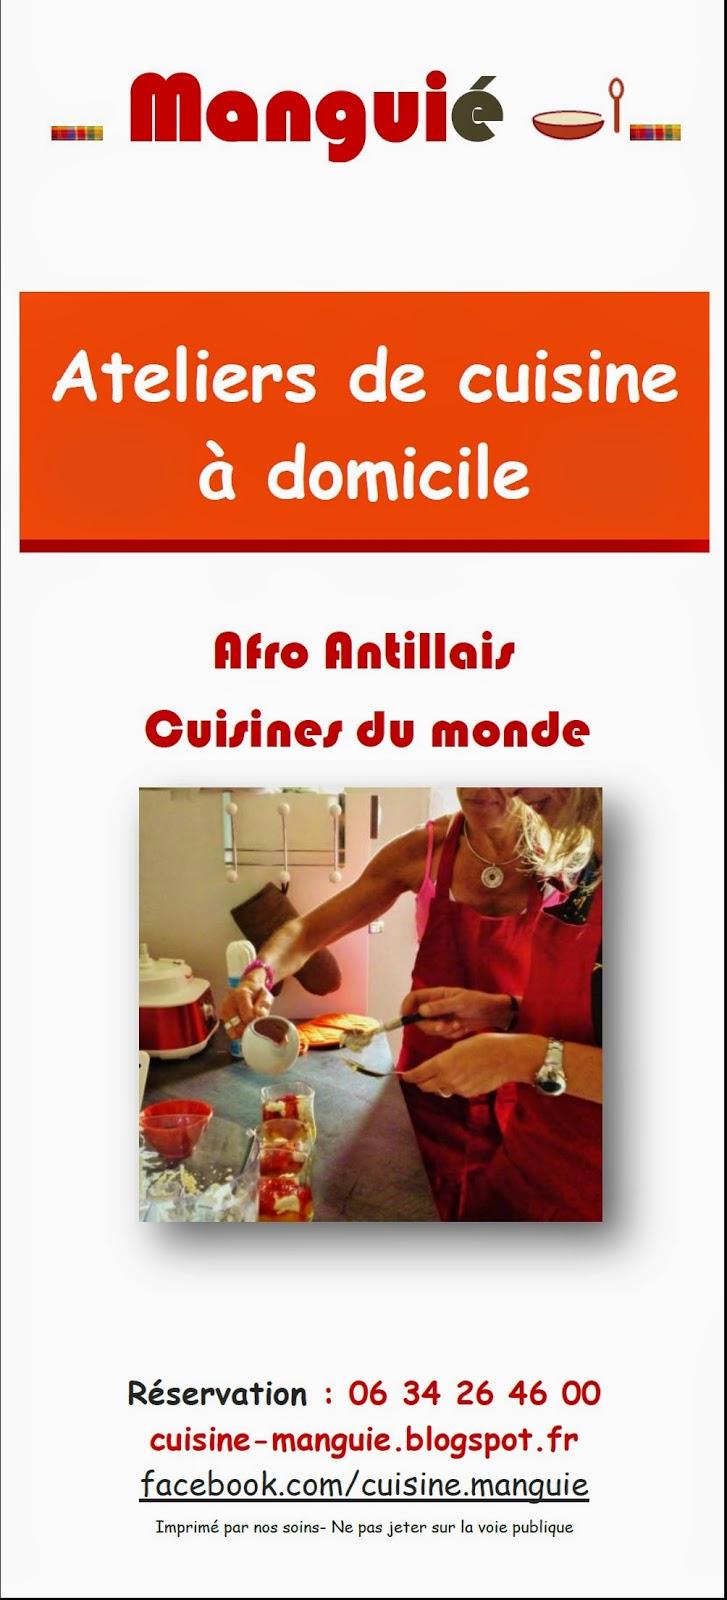 Cours de cuisine exotique ateliers afro antillais cuisine for Ateliers cuisine